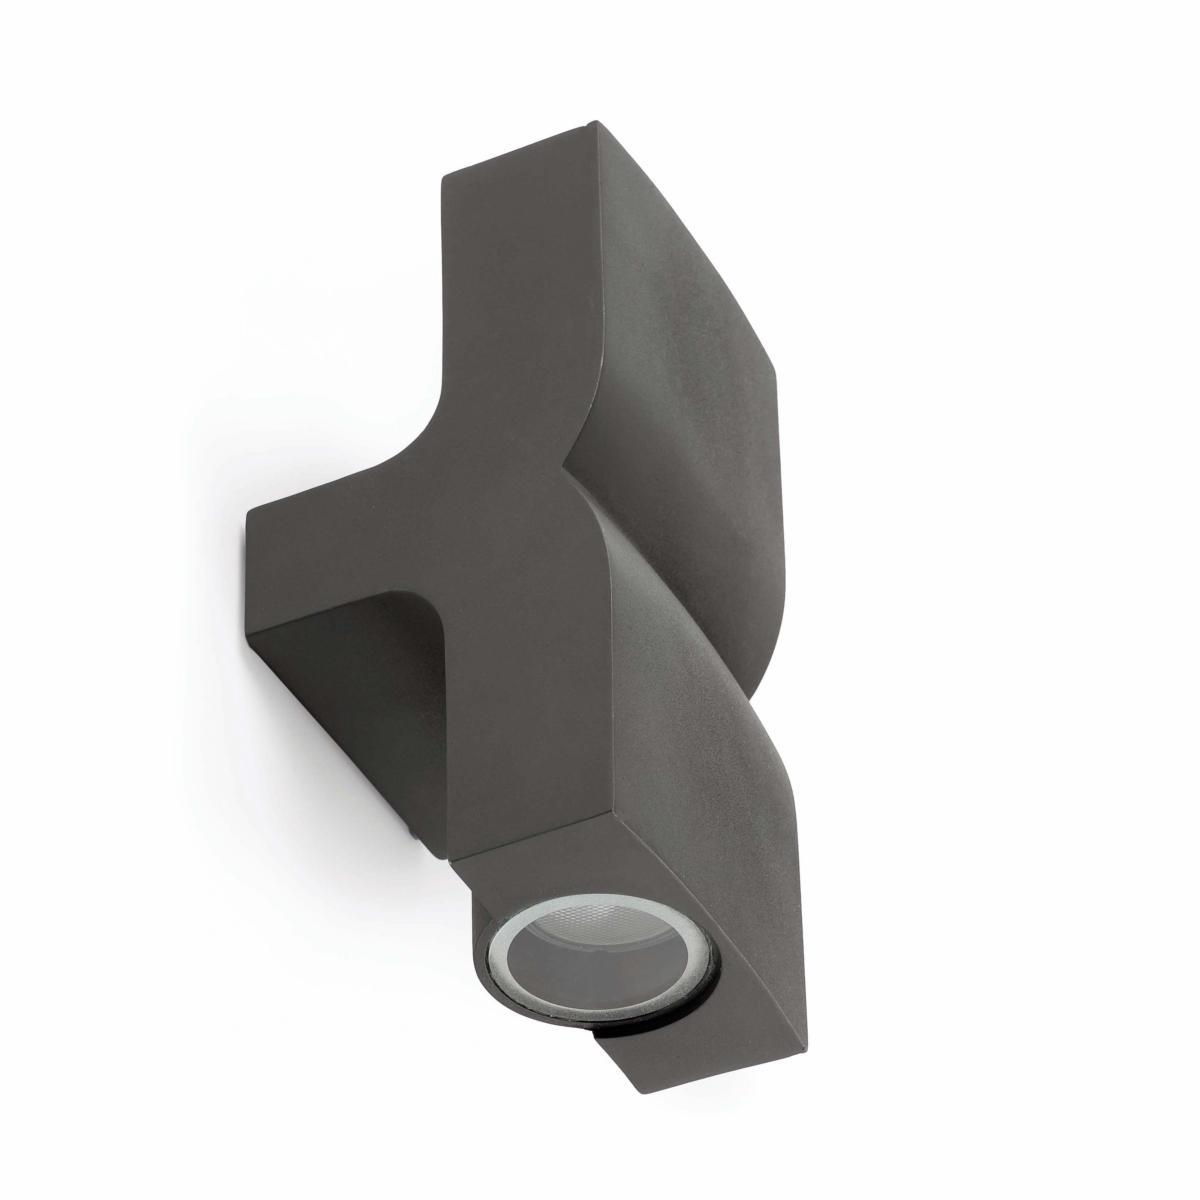 applique murale ext rieure double flux klamp faro ip44 74408. Black Bedroom Furniture Sets. Home Design Ideas